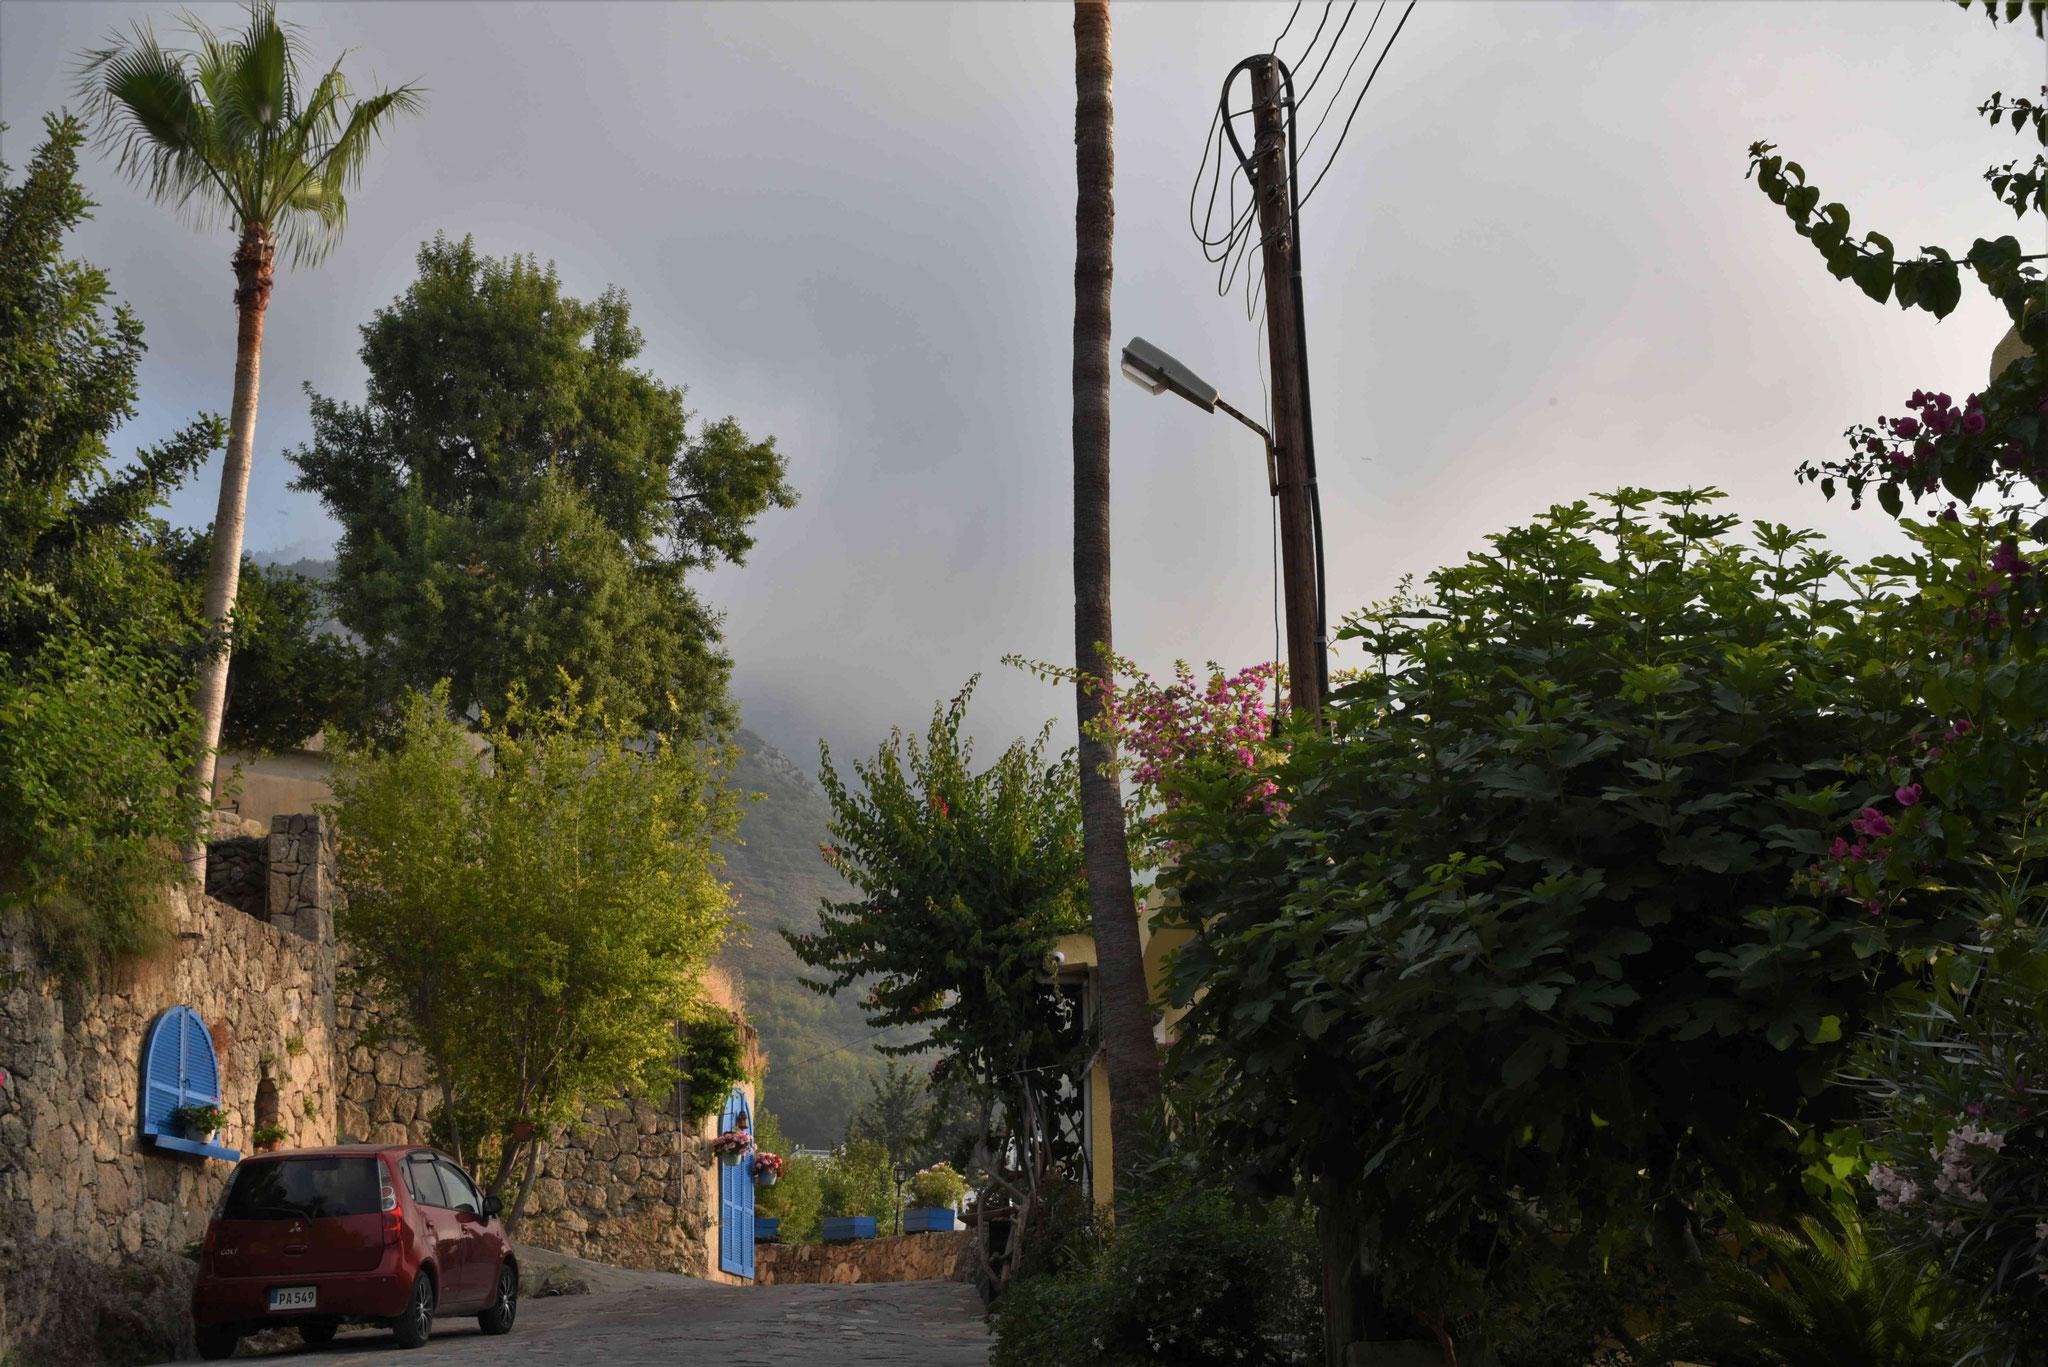 Lauschige Seitenstraße im Örtchen Bellapais